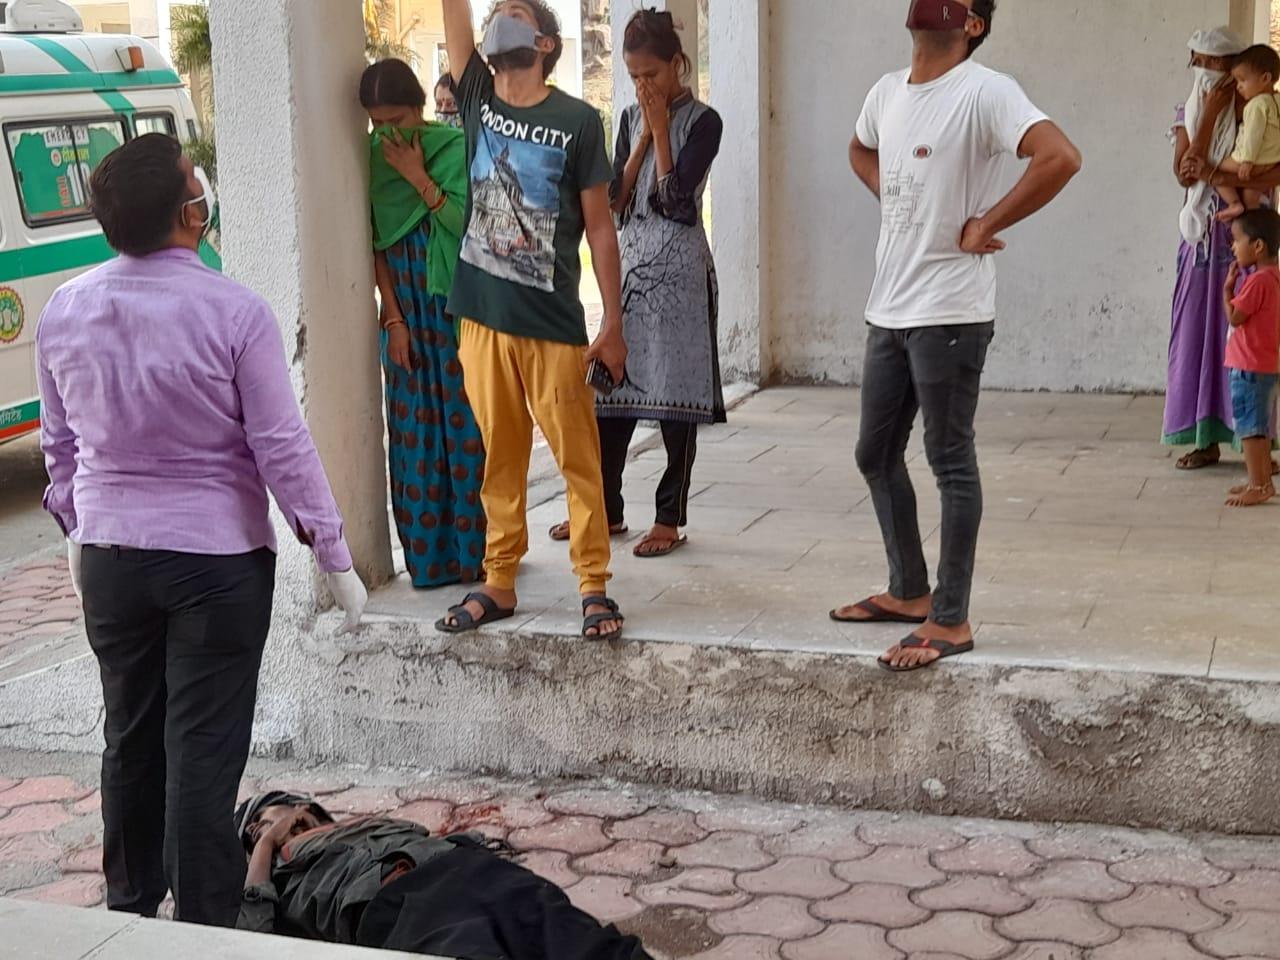 पत्नी इंदौर में करती है नर्सिंग जॉब, लंबे समय से अकेला रह रहा था युवक, पुलिस कर रही मामले की जांच|छिंदवाड़ा,Chhindwara - Dainik Bhaskar